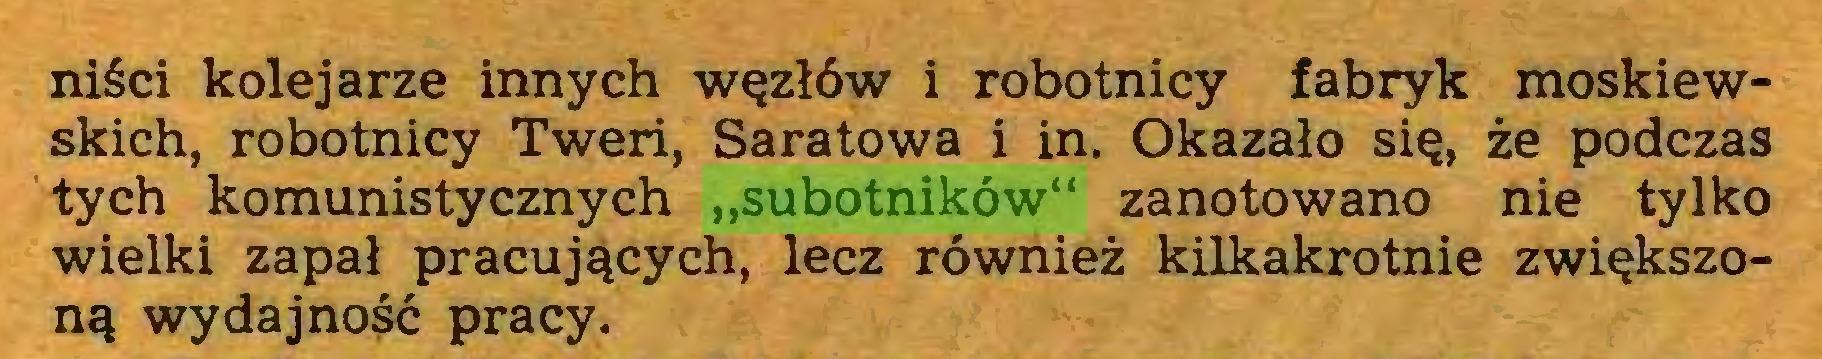 """(...) niści kolejarze innych węzłów i robotnicy fabryk moskiewskich, robotnicy Tweri, Saratowa i in. Okazało się, że podczas tych komunistycznych """"subotników"""" zanotowano nie tylko wielki zapał pracujących, lecz również kilkakrotnie zwiększoną wydajność pracy..."""